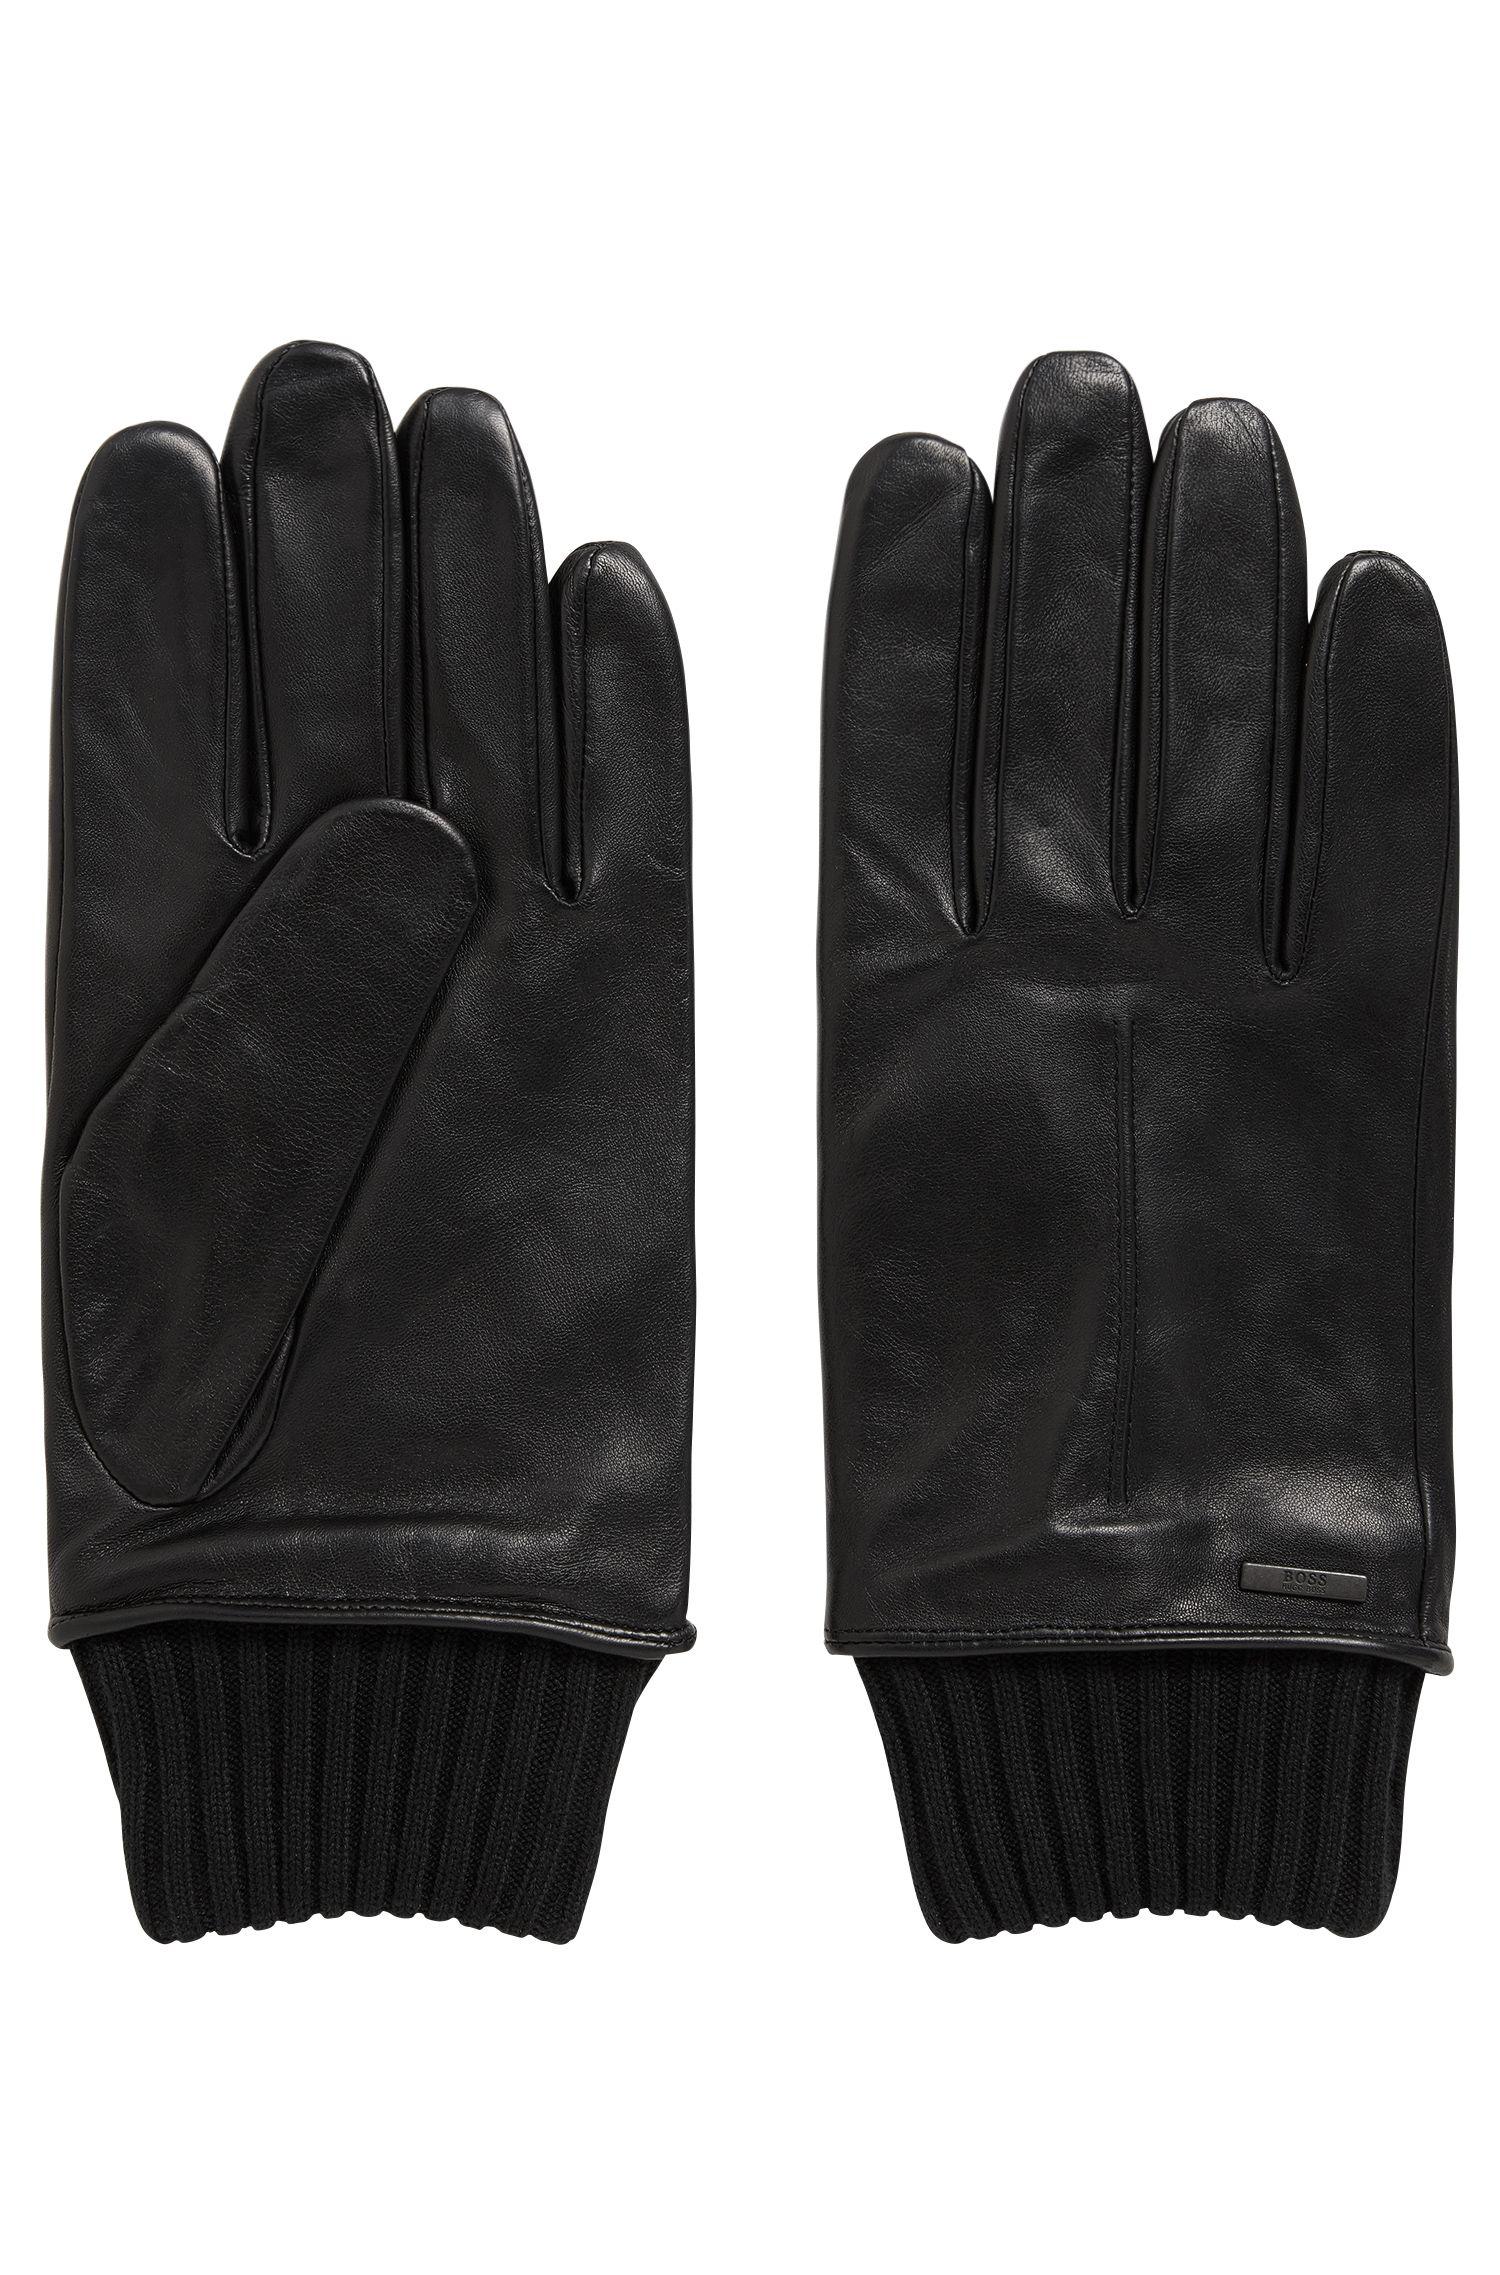 Lambskin Leather & Wool Blend Knit Glove   Harmyn WS